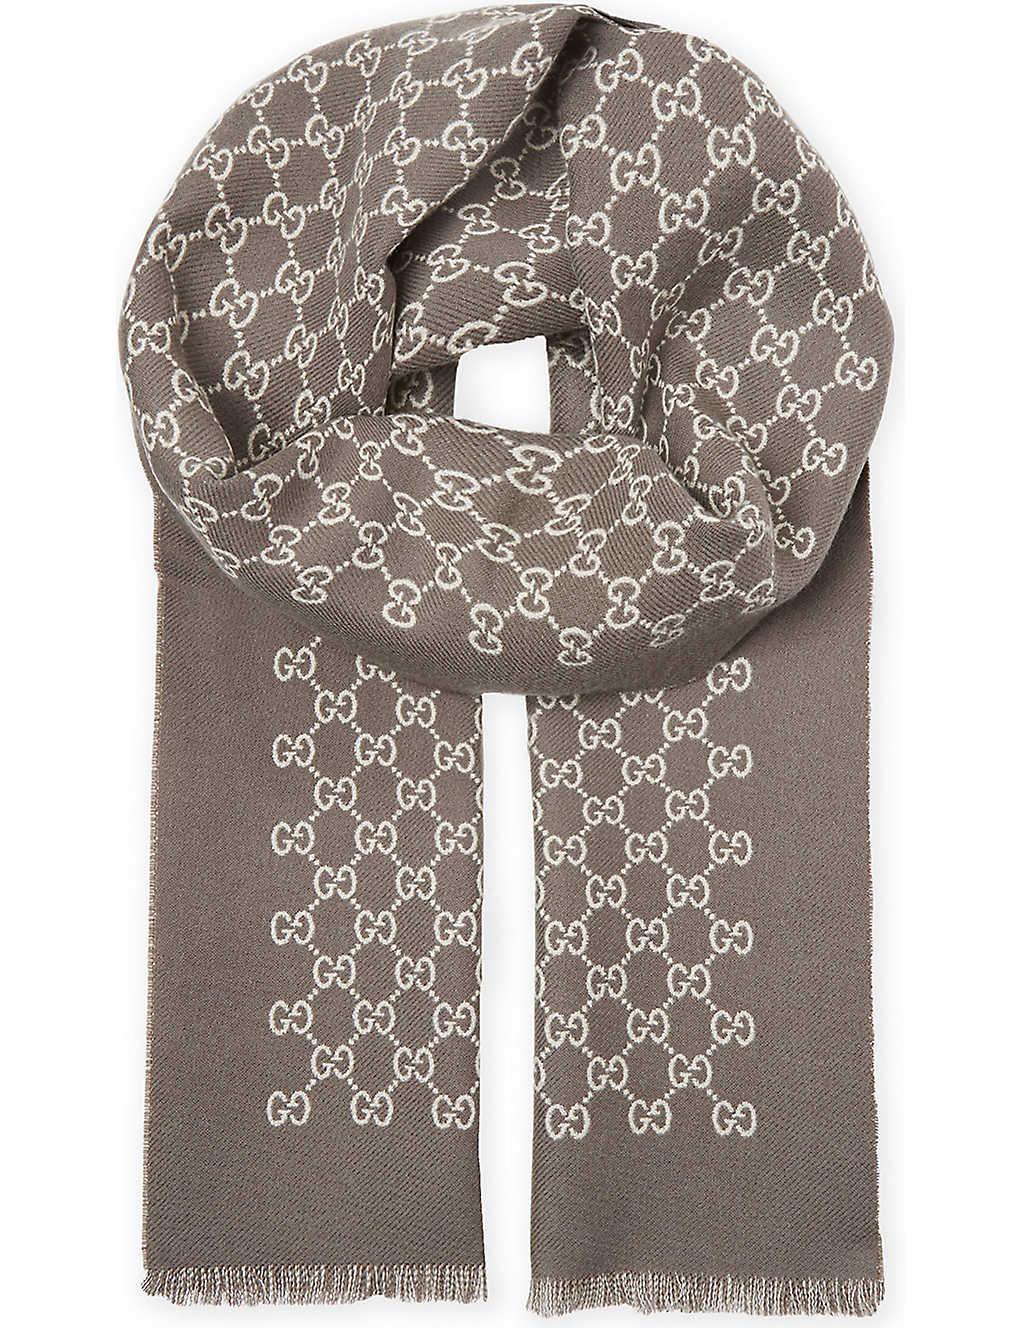 GUCCI - Logo wool scarf   Selfridges.com 0ddf3ef058